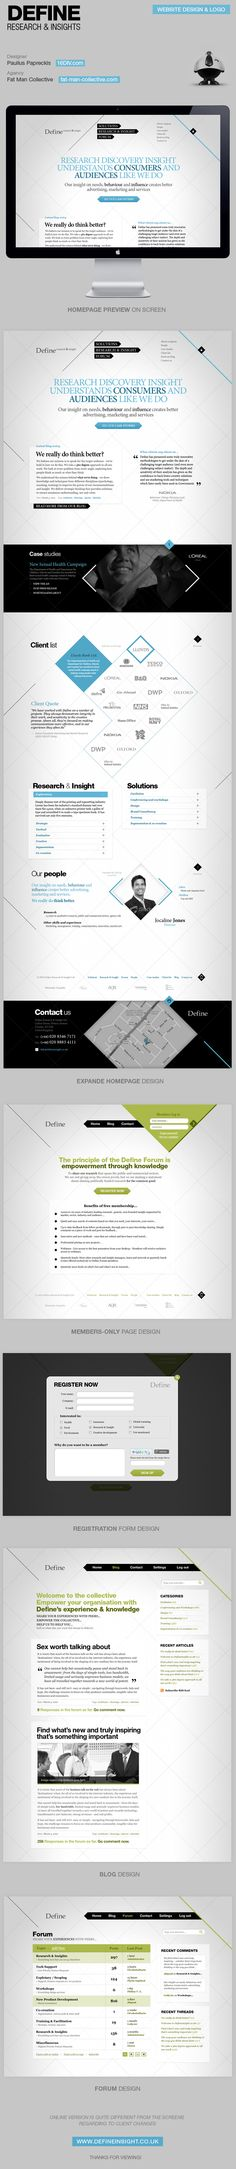 Define research & insights web design by Paulius Papreckis, via Behance